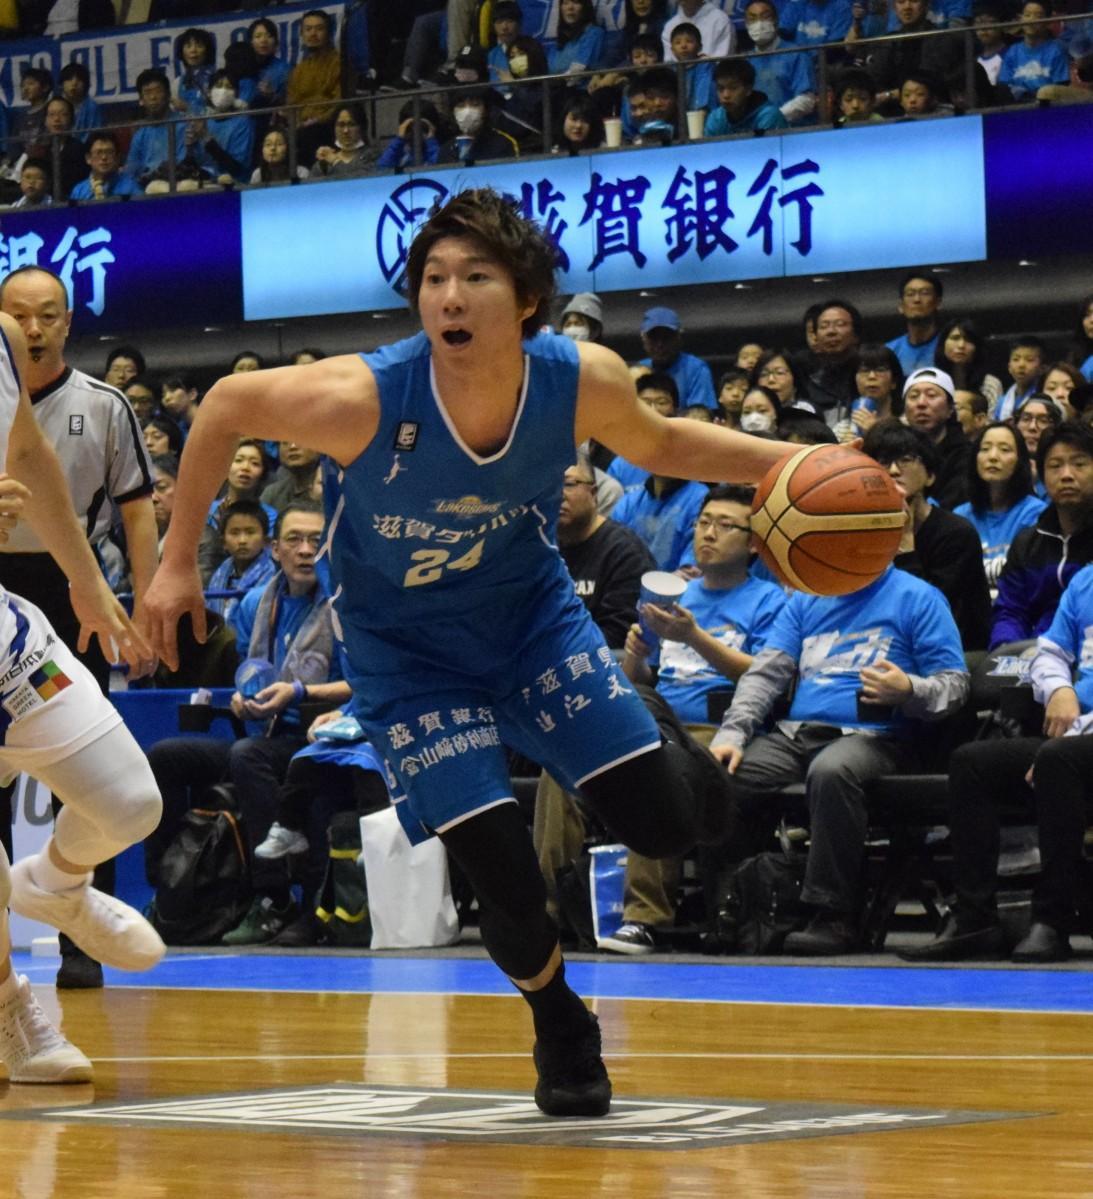 7日にキャリアハイの27得点した高橋耕陽選手